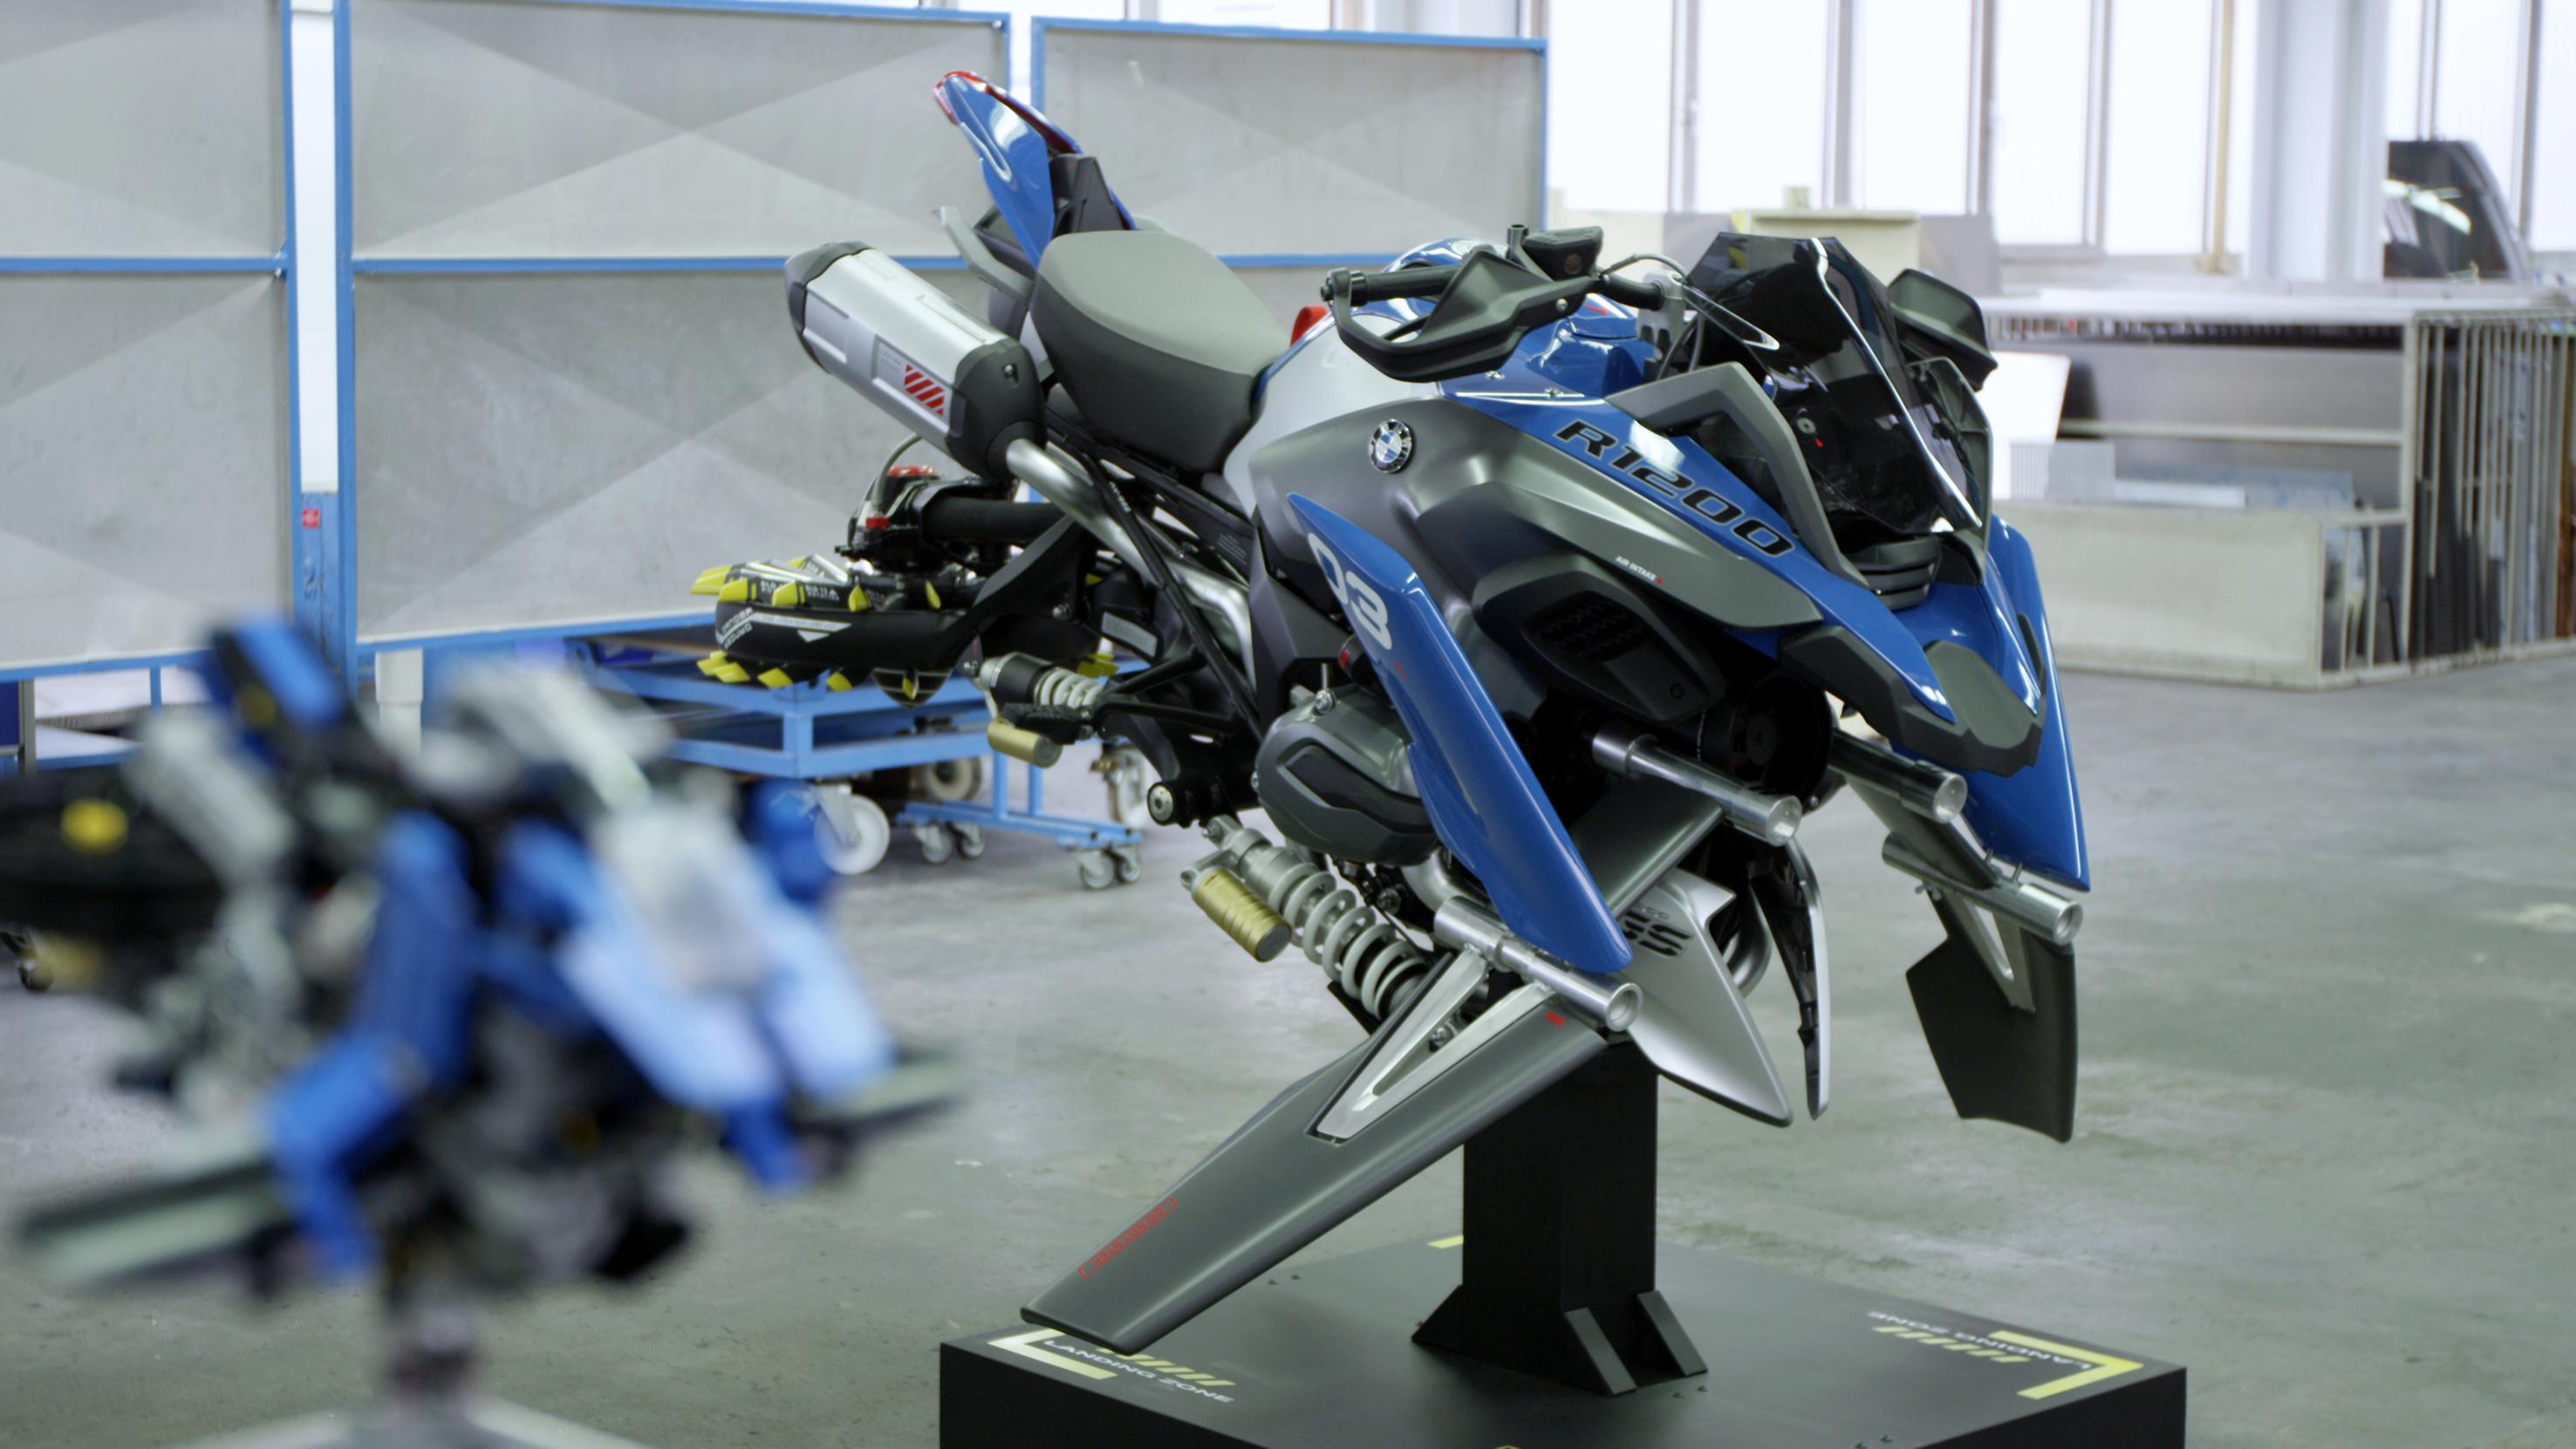 Lego Technic Bmw R 1200 Gs Adventure Design Concept Hover Ride The